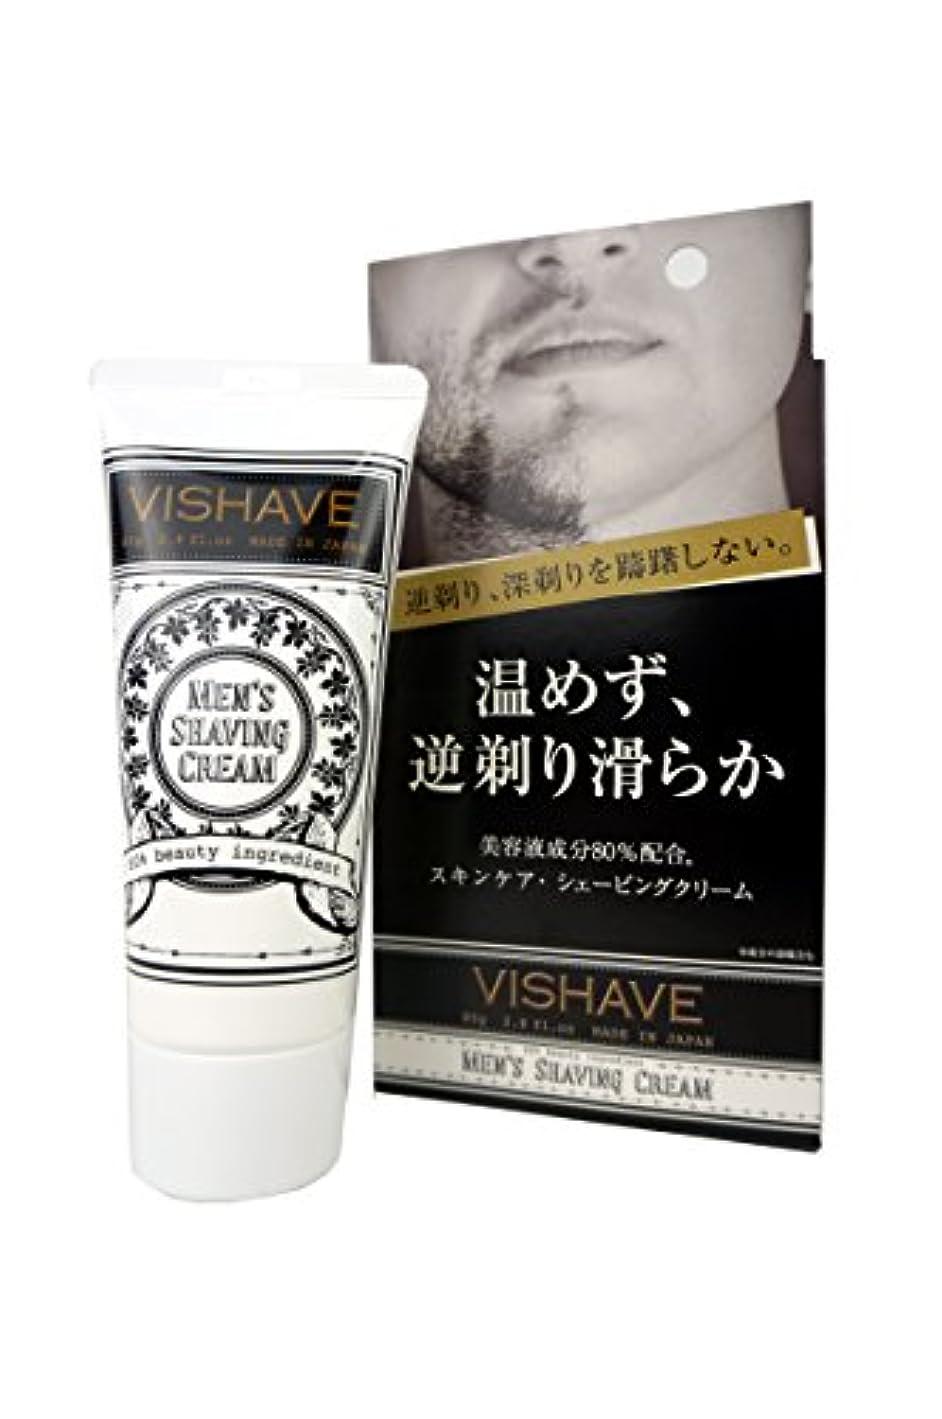 肌寒い移動止まるヴィシェーブ 逆剃り対応シェービングクリーム&アフターシェーブ